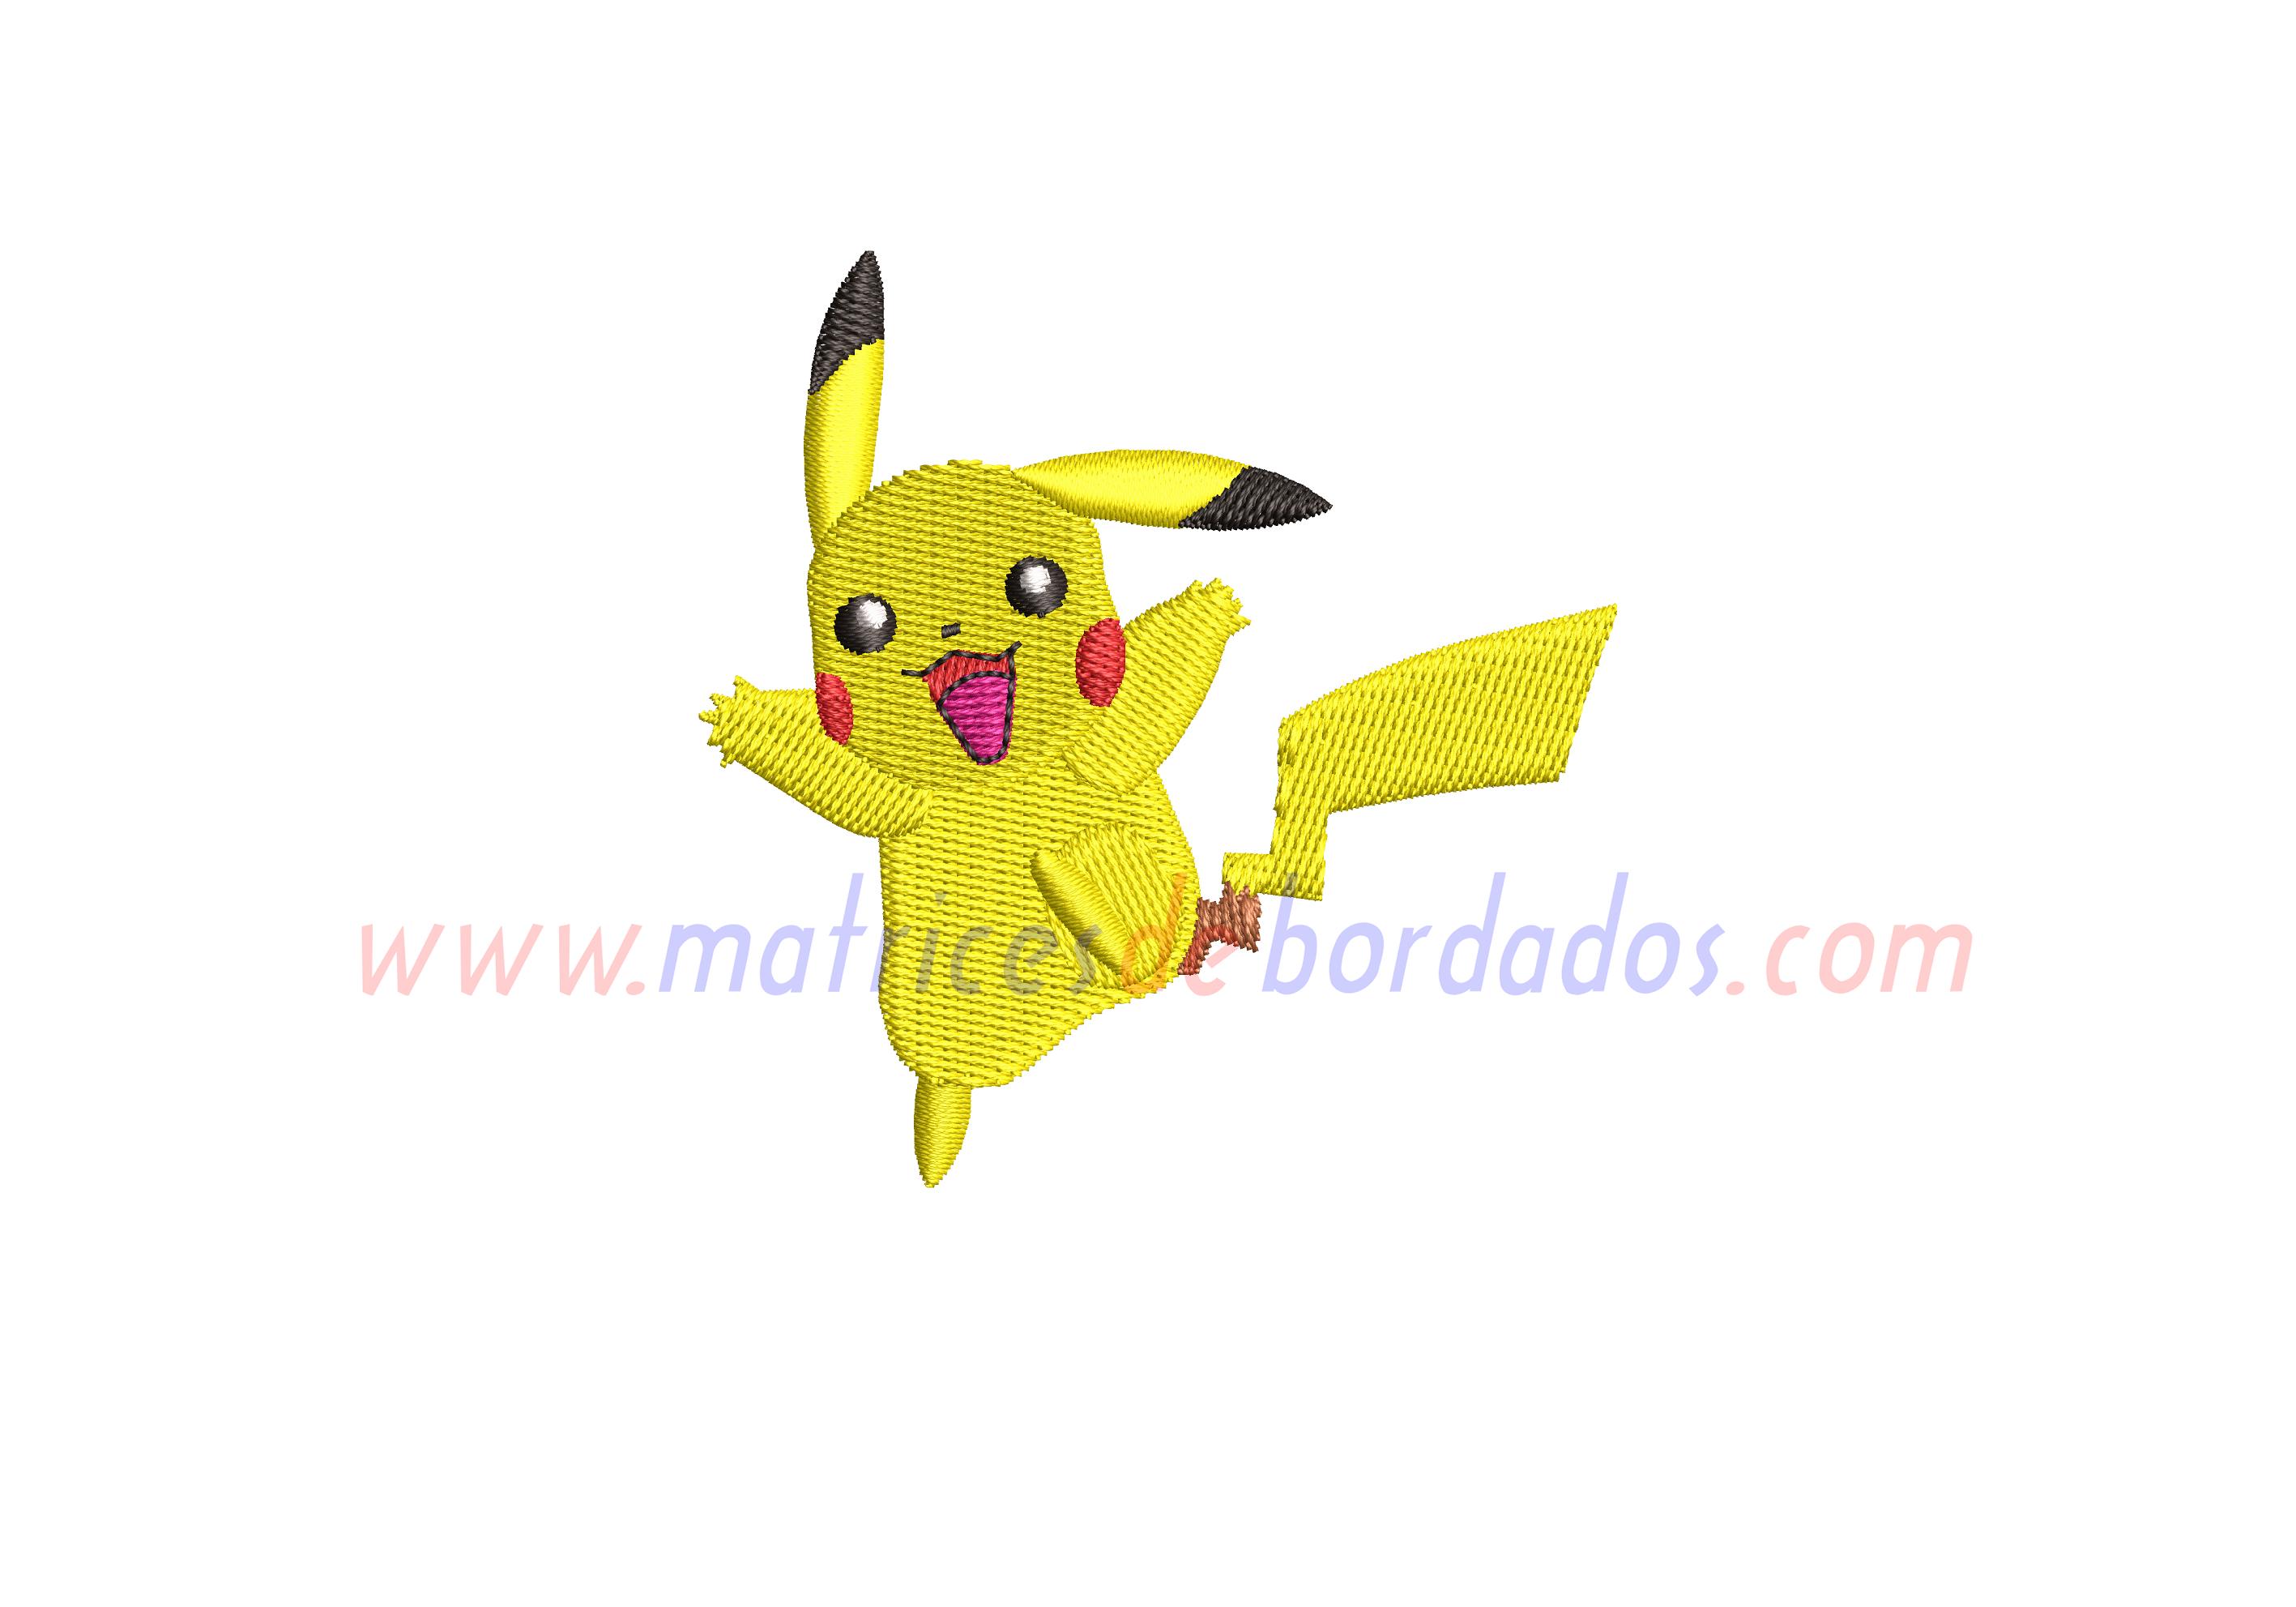 QM47RM - Pikachu